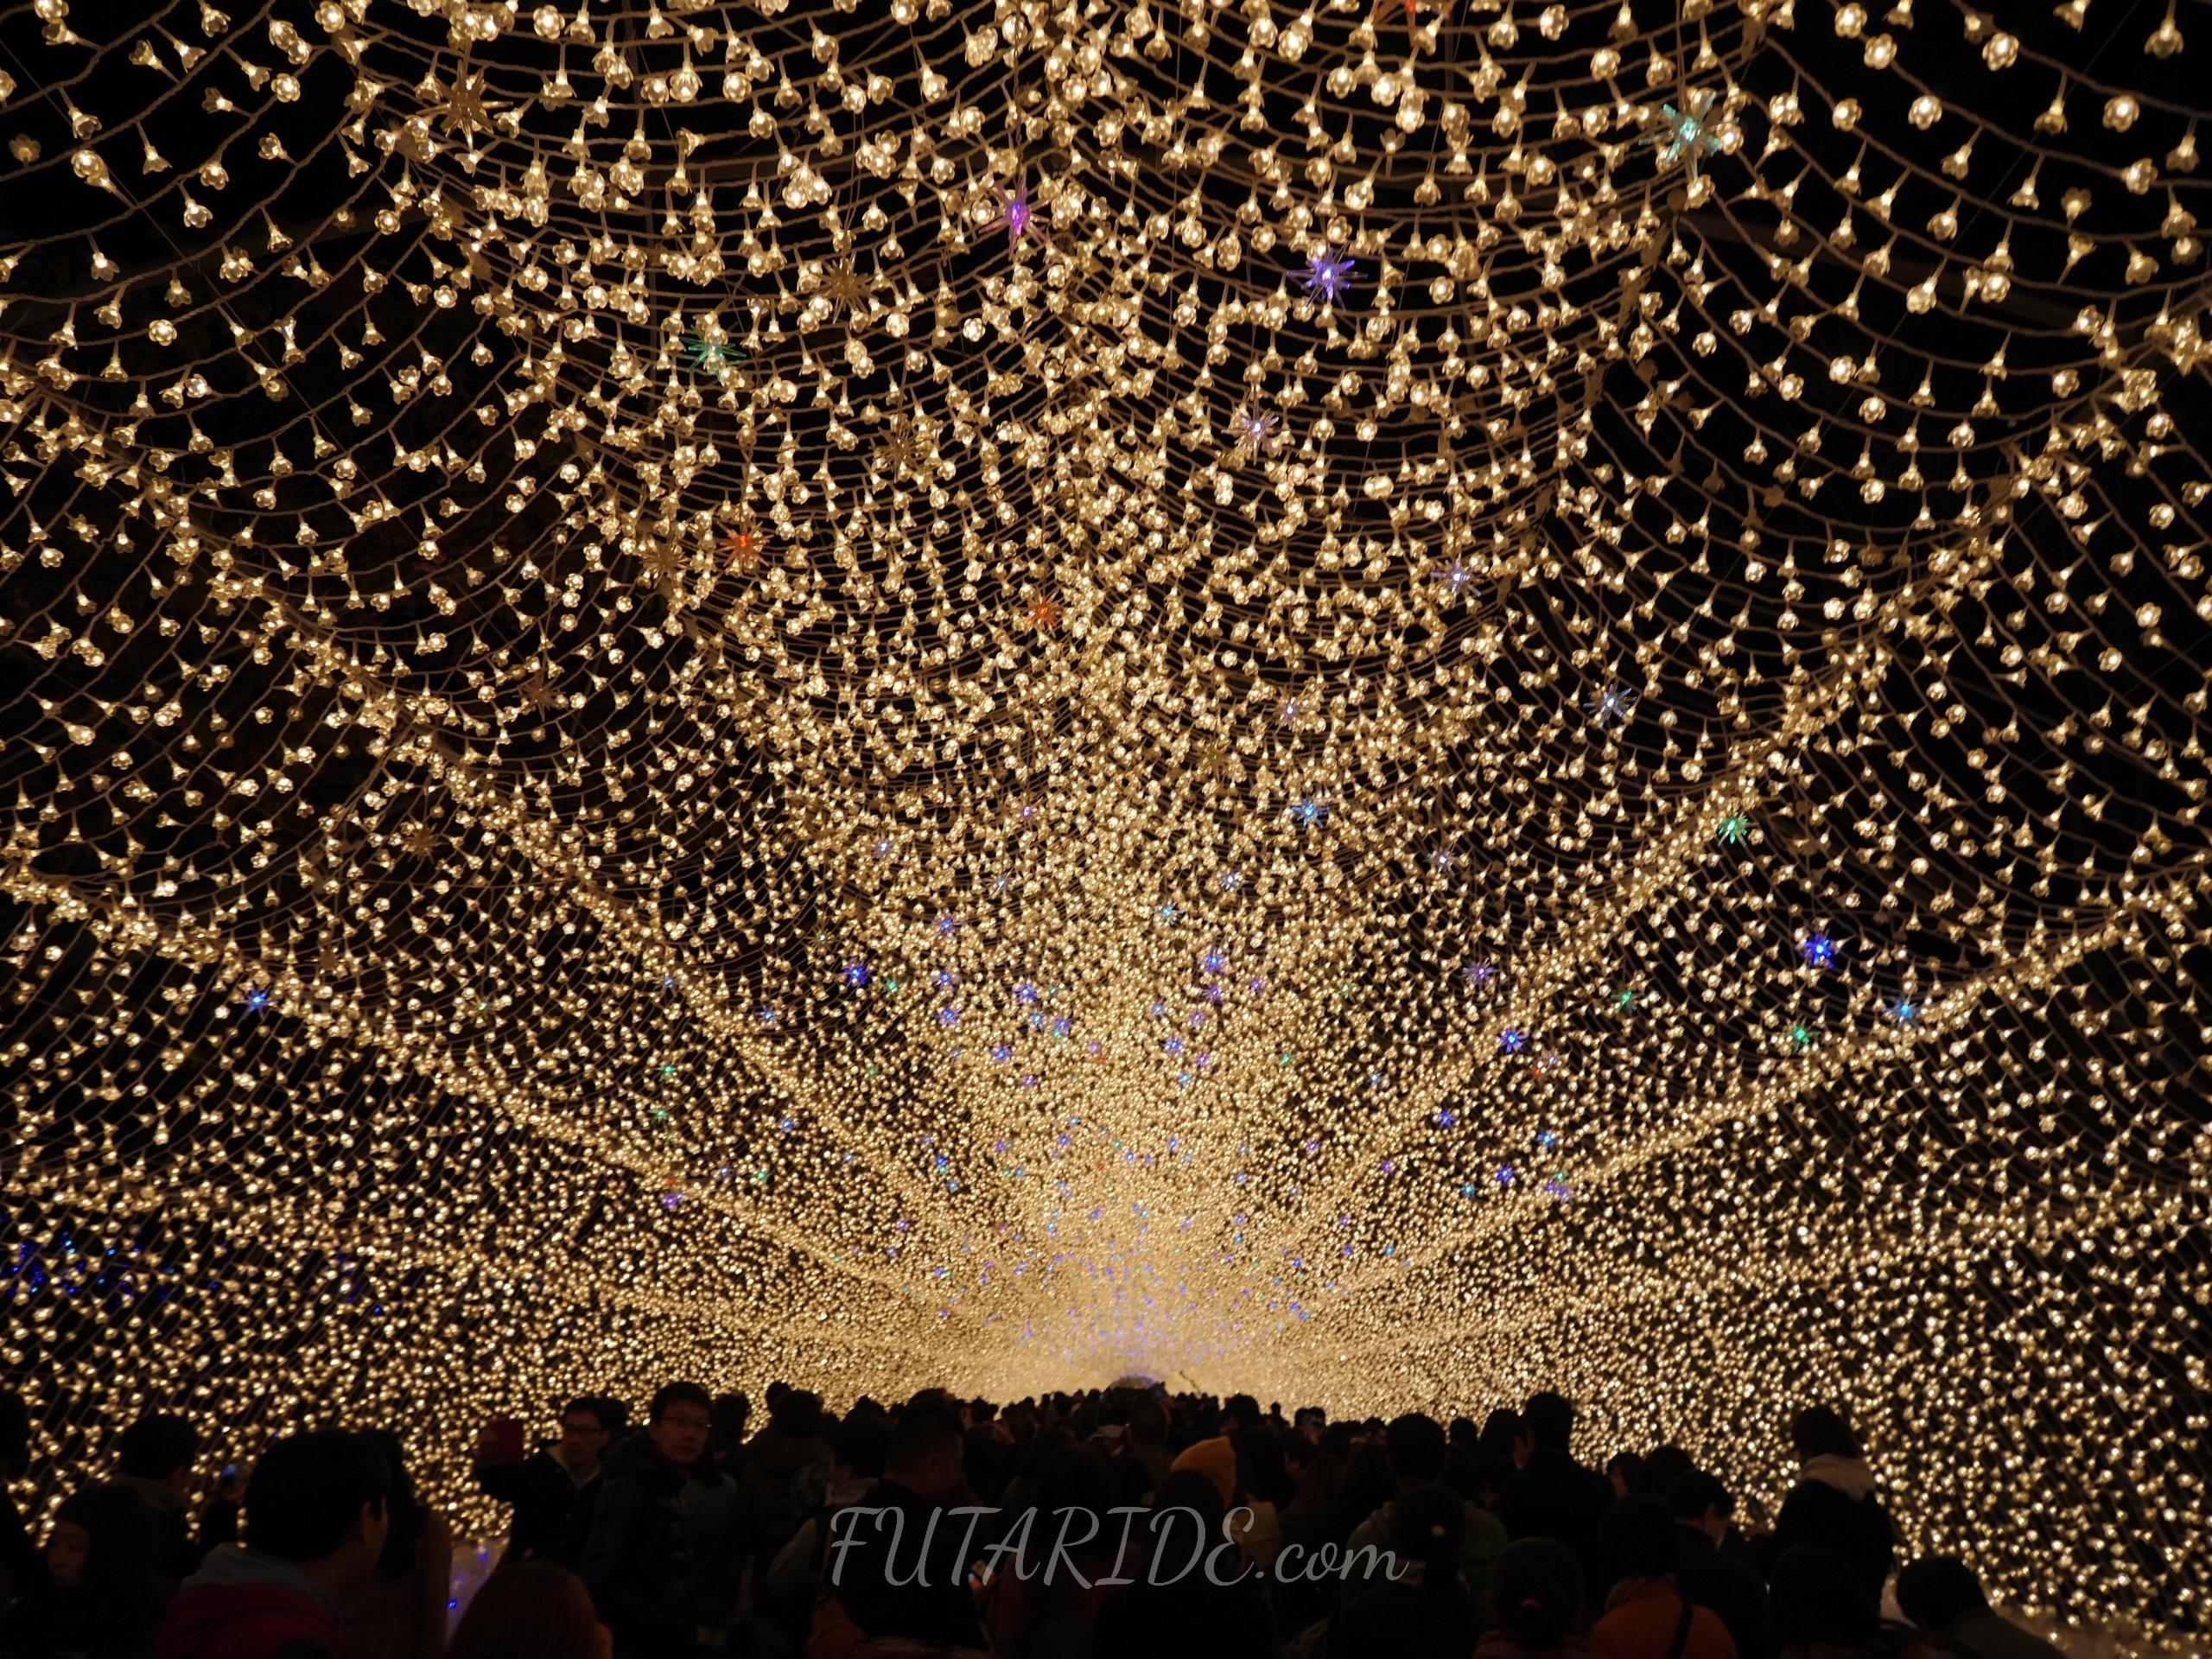 【なばなの里】国内最大級の光の祭典!なばなの里イルミネーションの期間・攻略情報まとめ【三重・桑名】